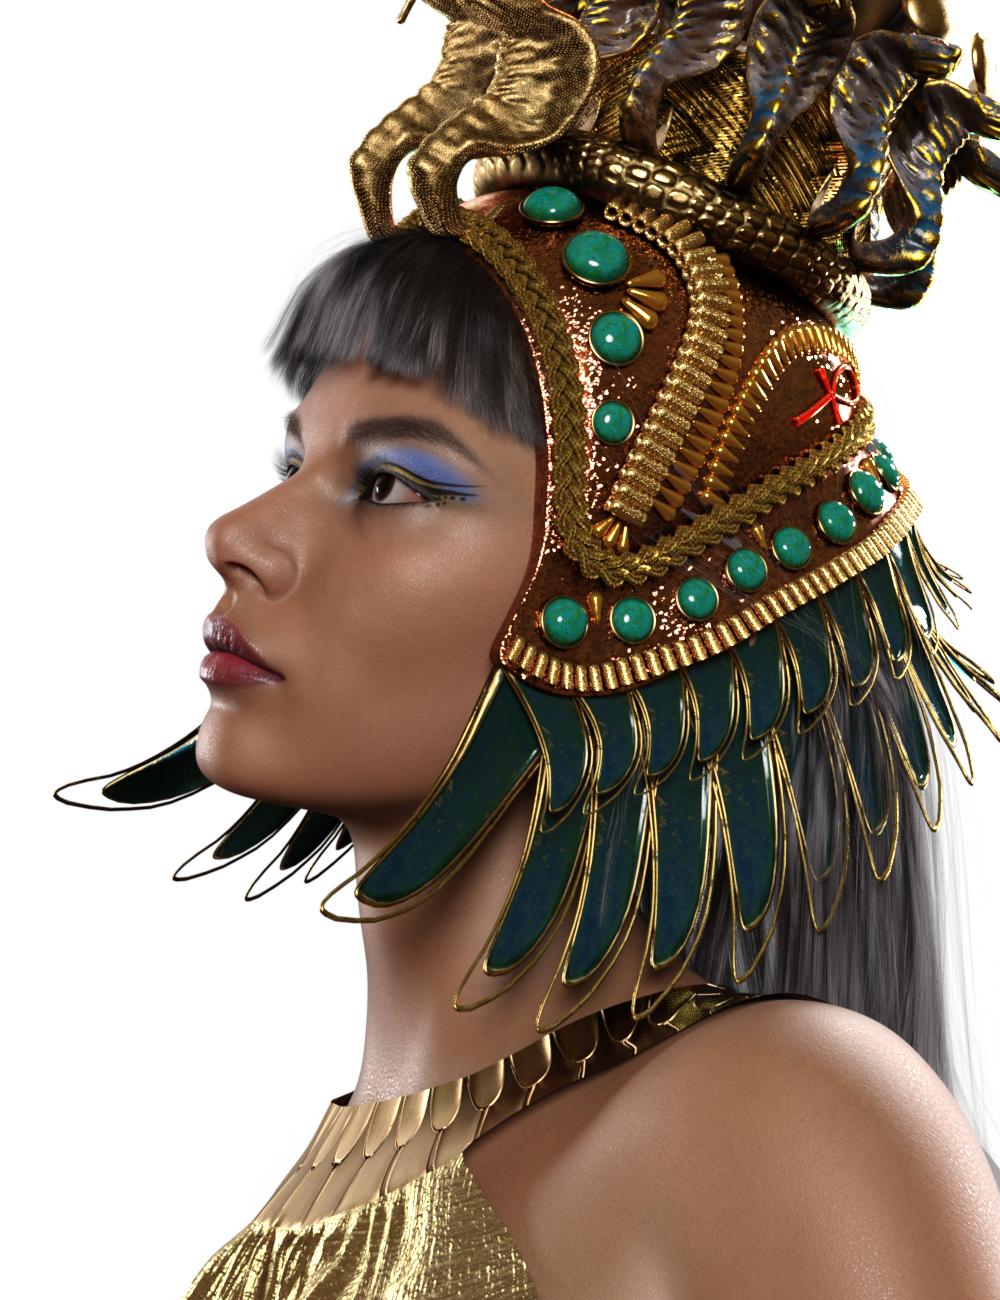 Nefeli HD for Genesis 8.1 Female by: Mousso, 3D Models by Daz 3D